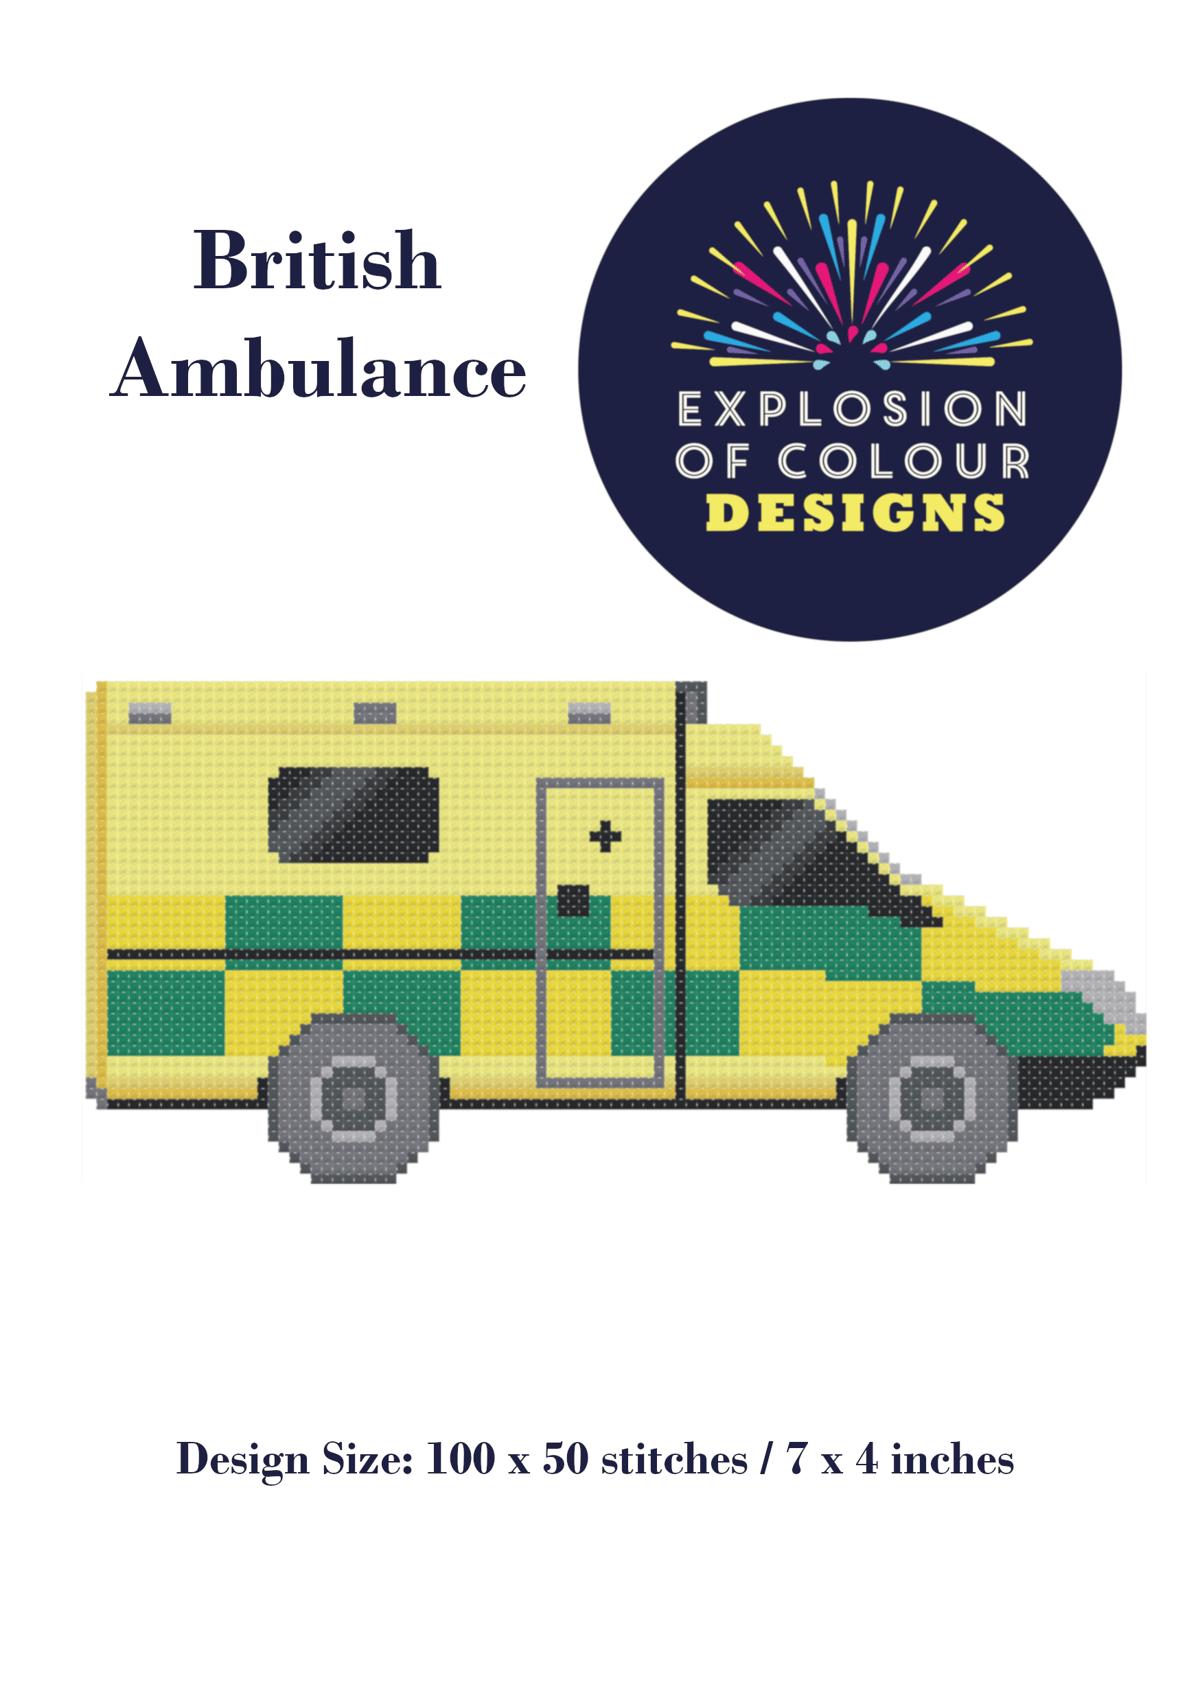 Image of British Ambulance Digital Pattern